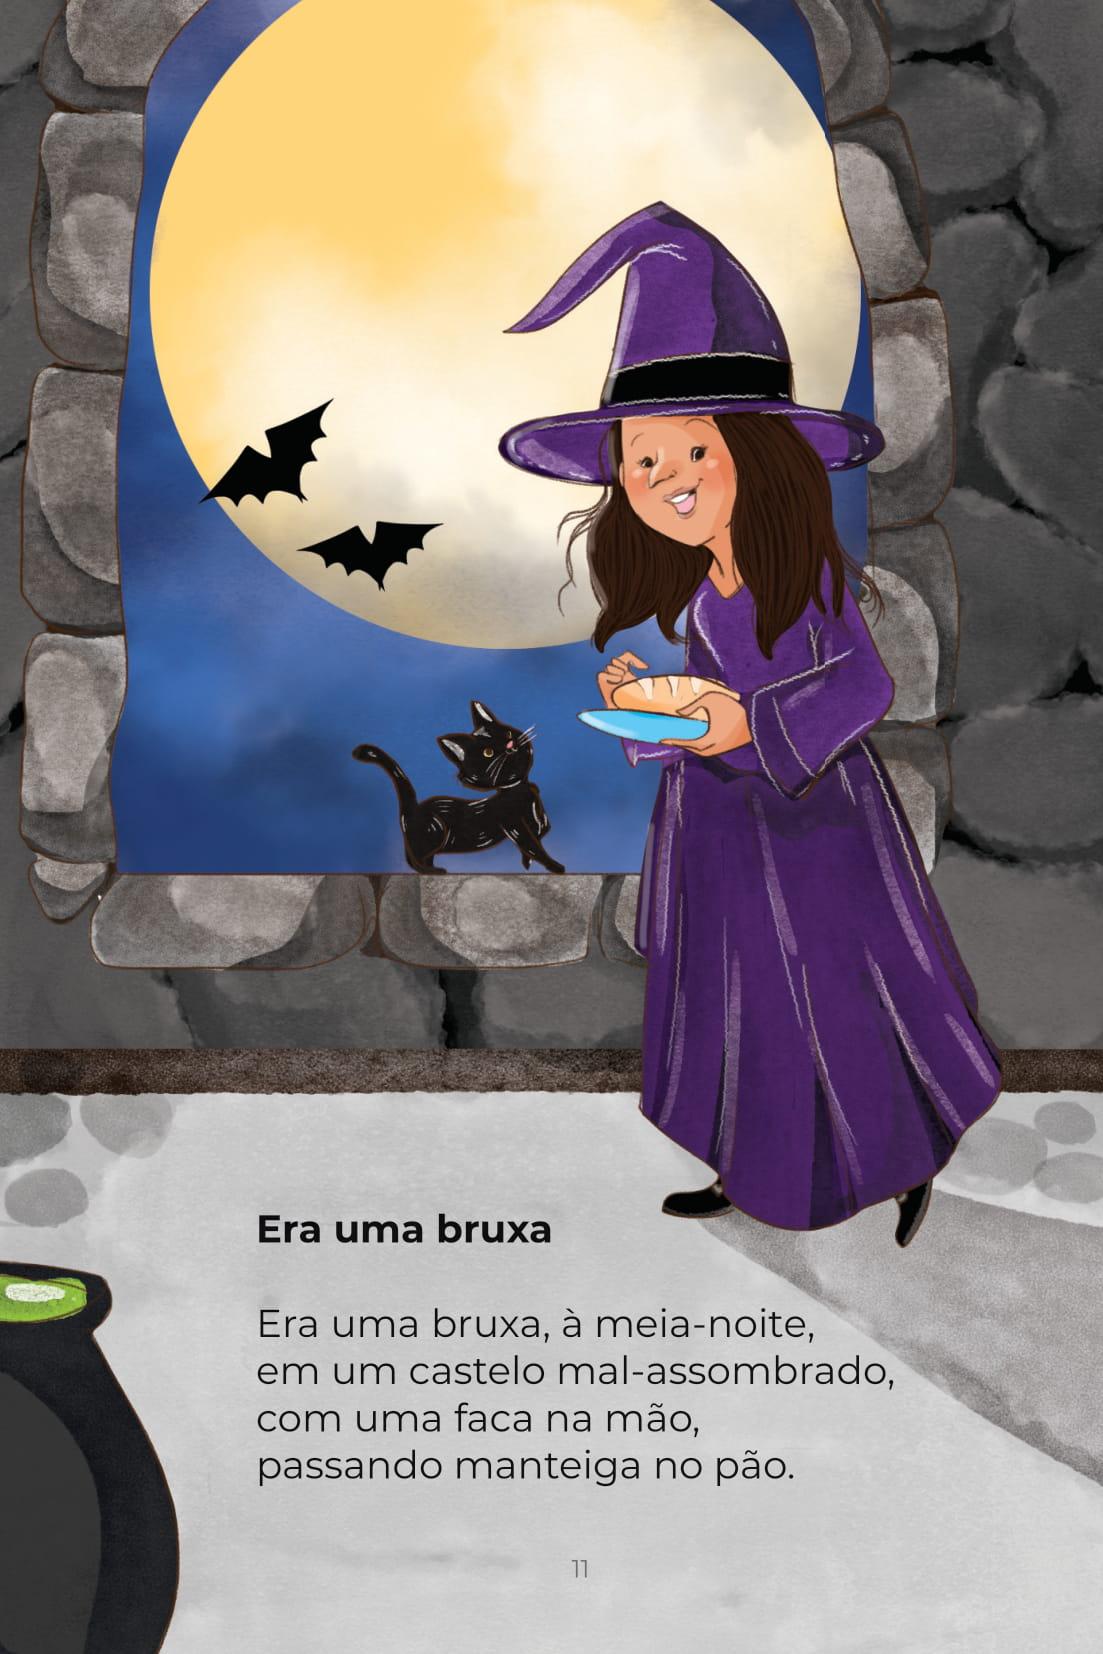 Era uma bruxa